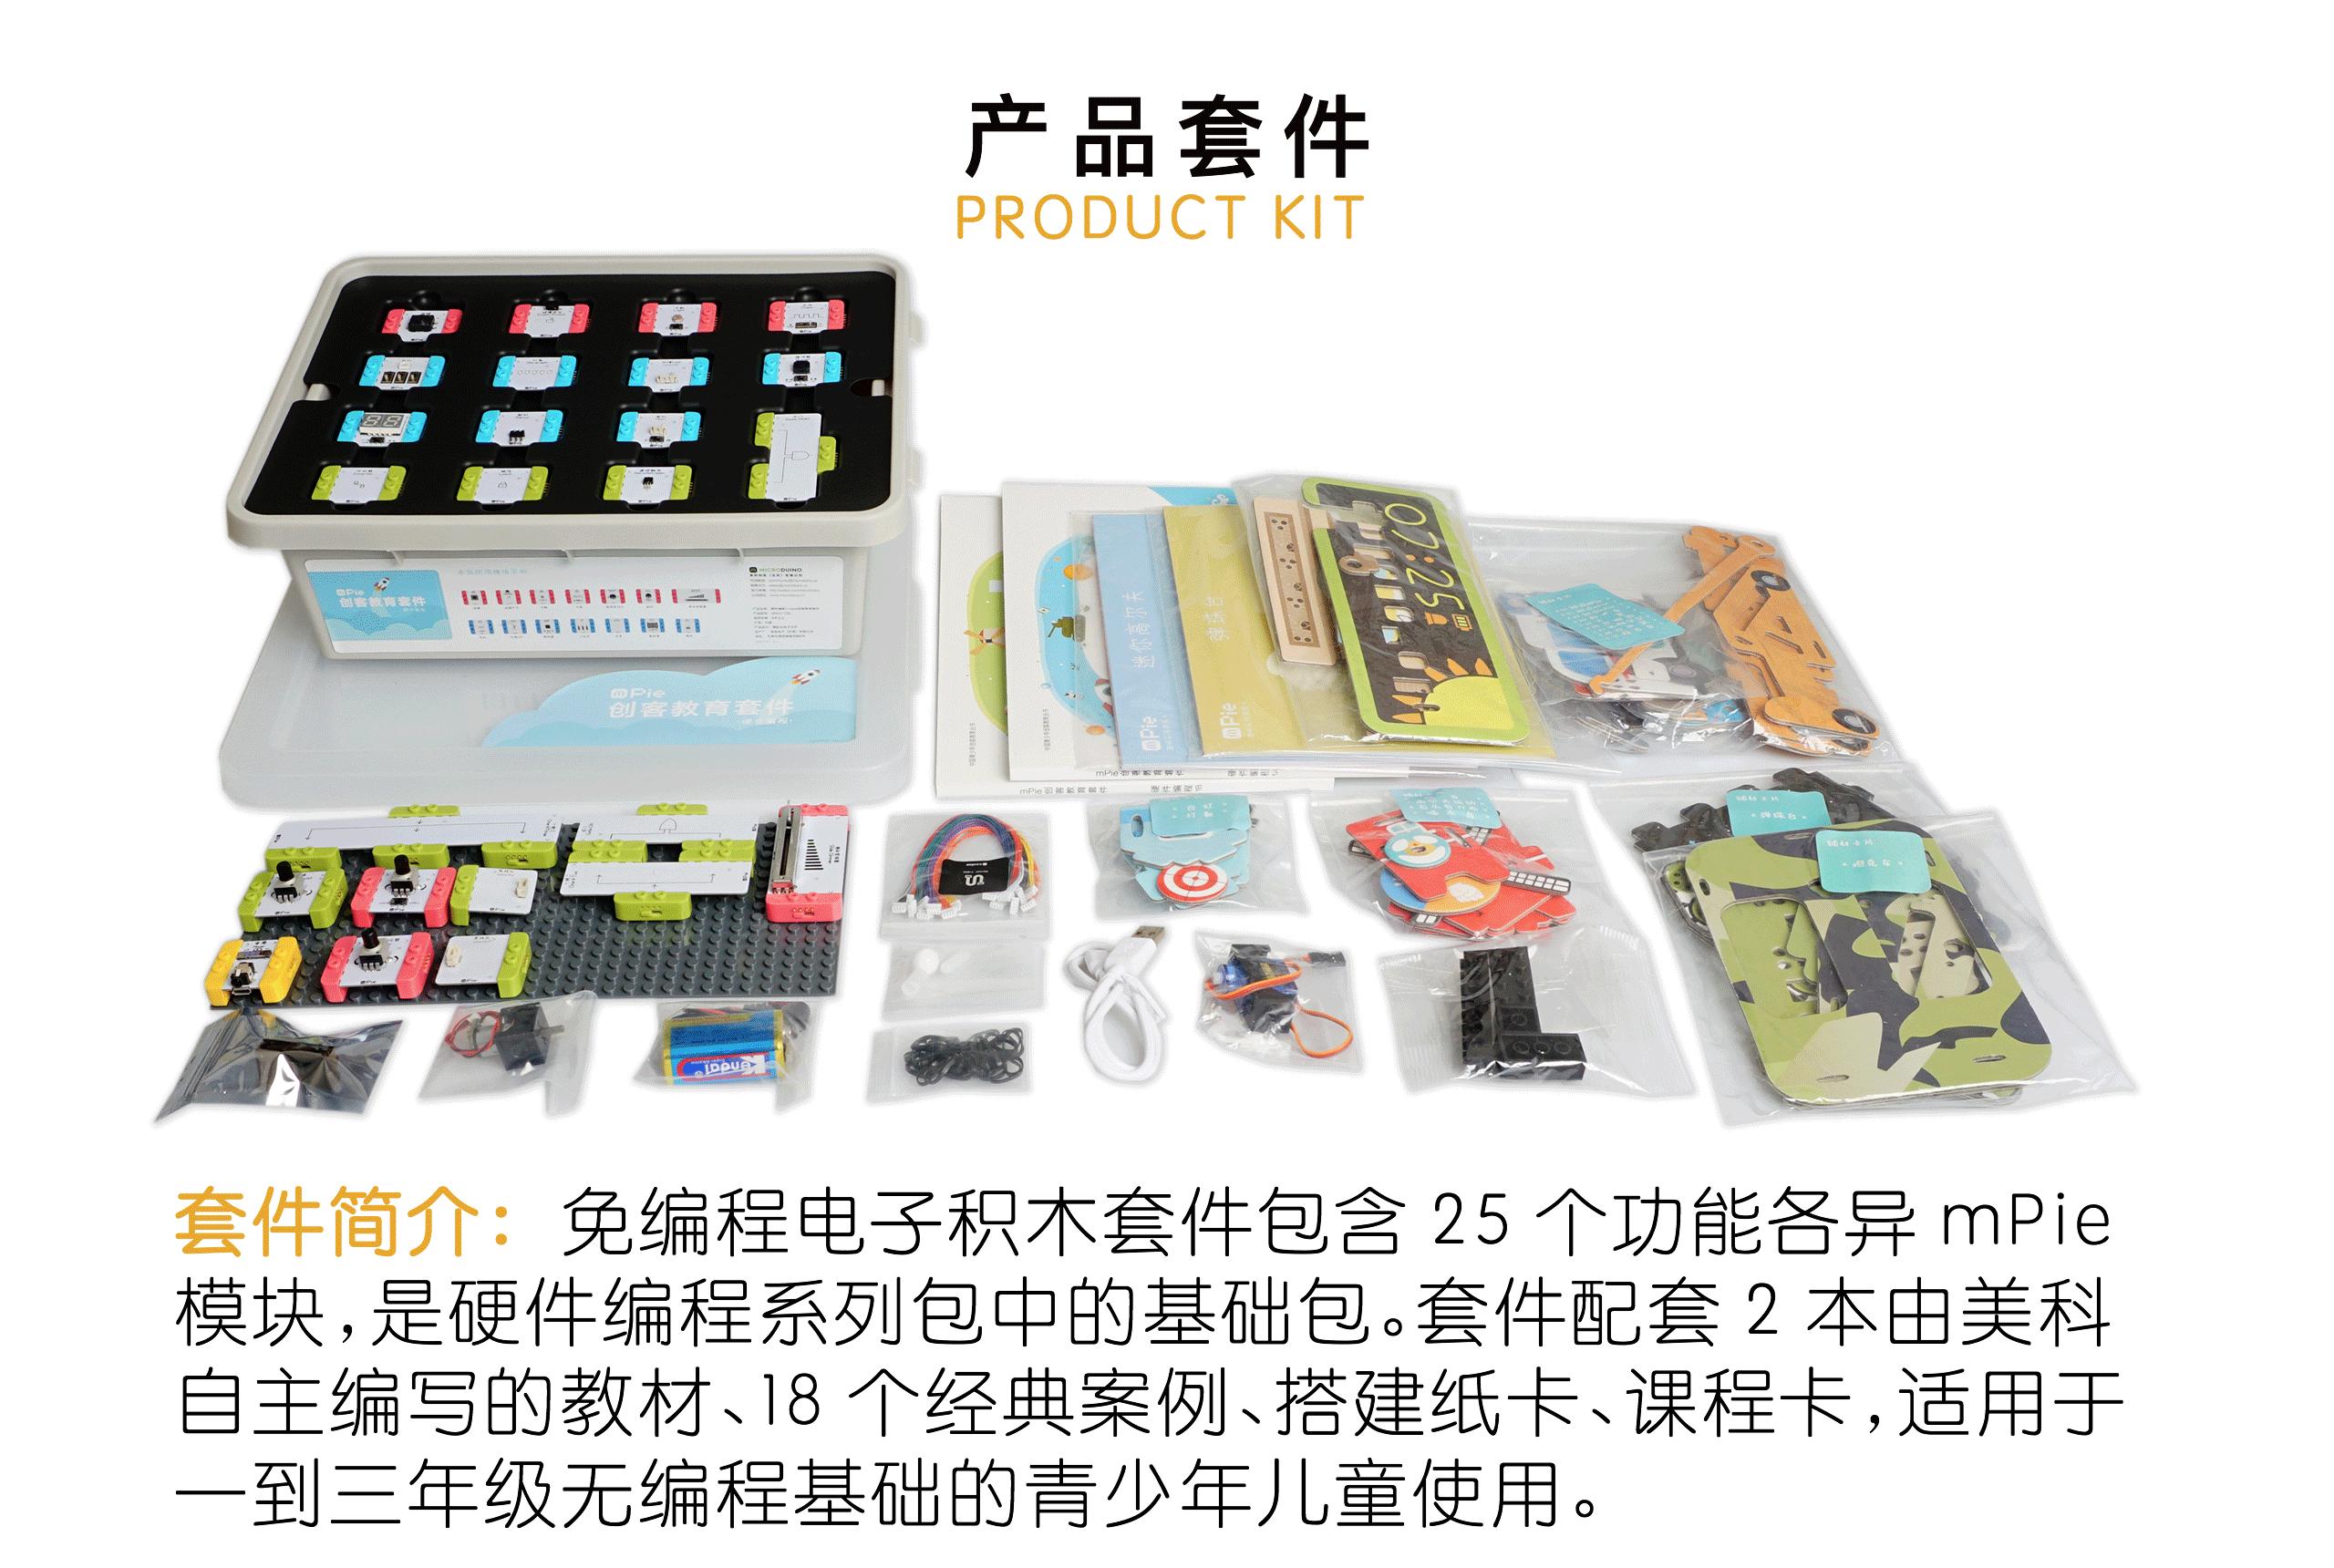 免編程電子積木套件,適用于無編程基礎的青少年兒童